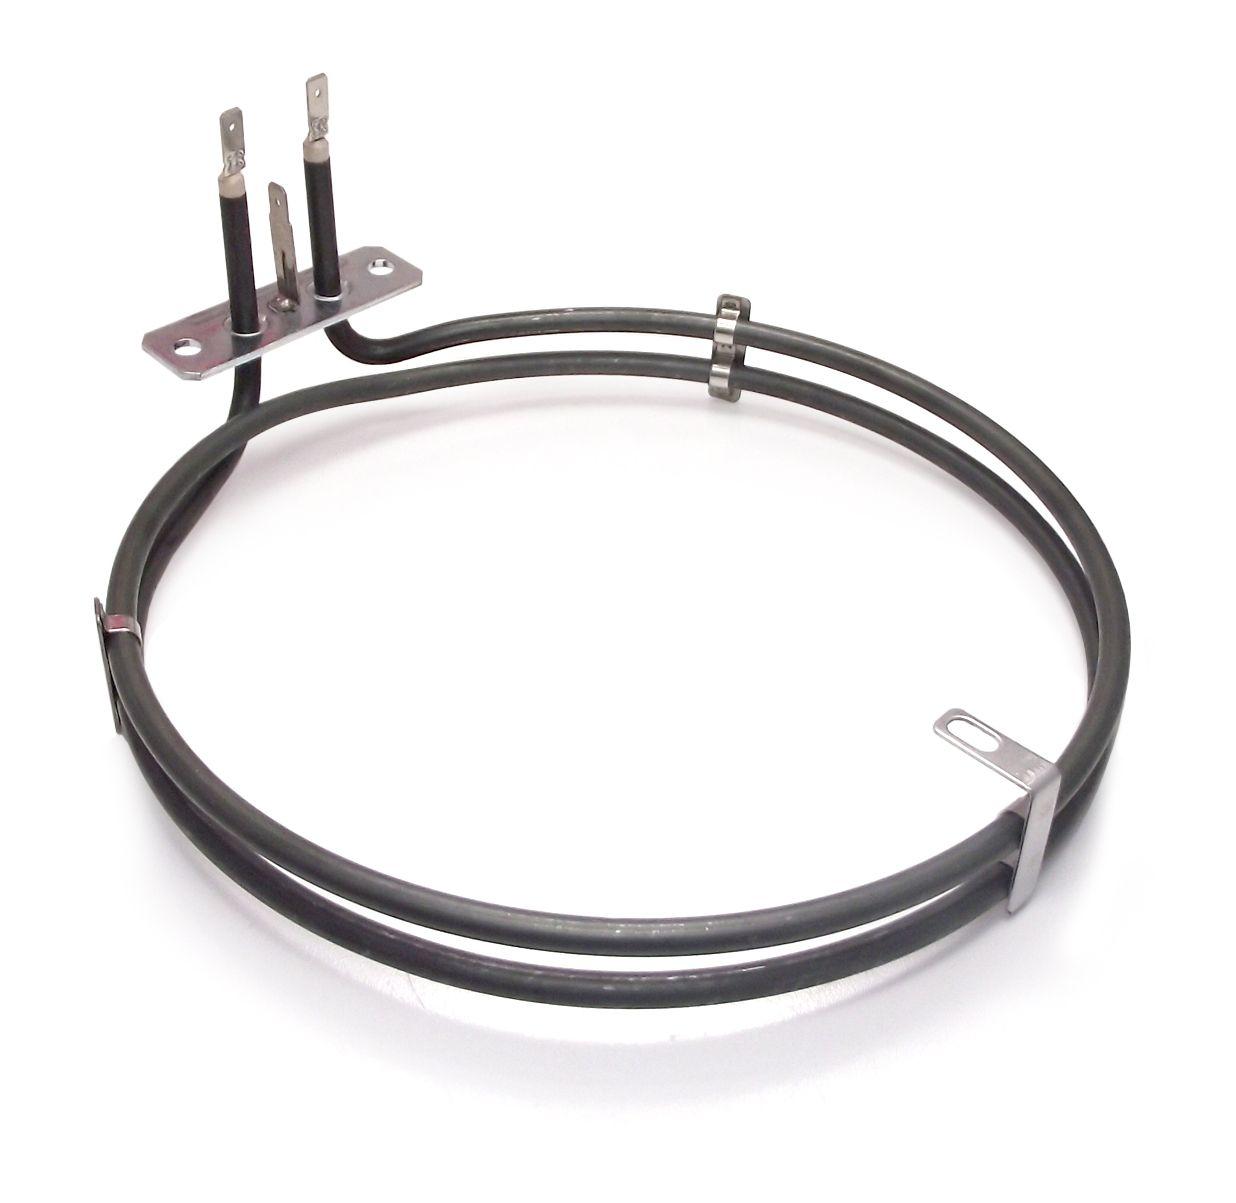 těleso, topení kruhové do trouby, sporáku Whirlpool, Electrolux - 481225928106 Whirlpool / Indesit